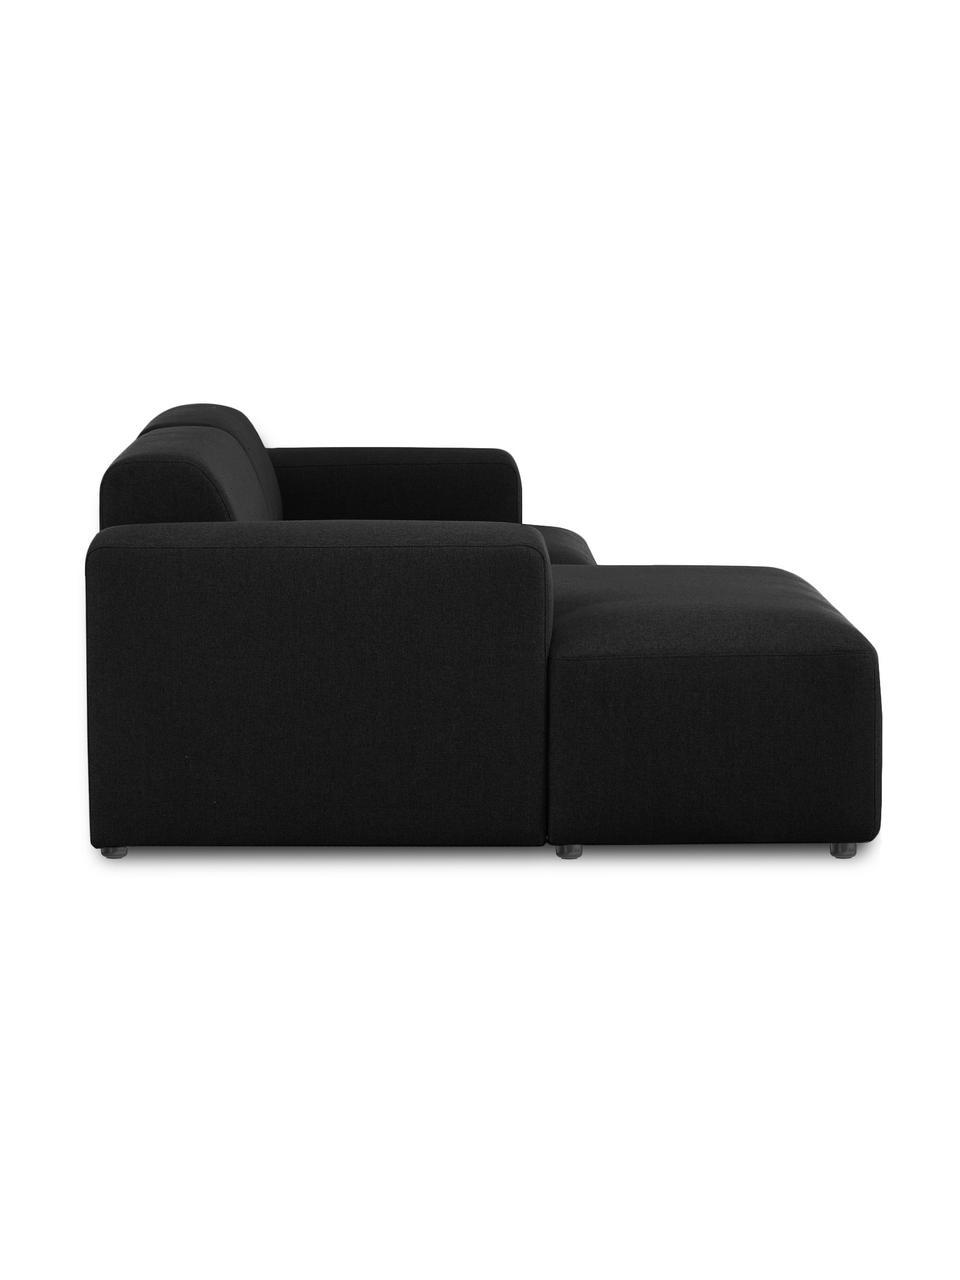 Hoekbank Melva (3-zits) in zwart, Bekleding: 100% polyester De bekledi, Frame: massief grenenhout, FSC-g, Poten: kunststof, Geweven stof zwart, B 239 x D 143 cm